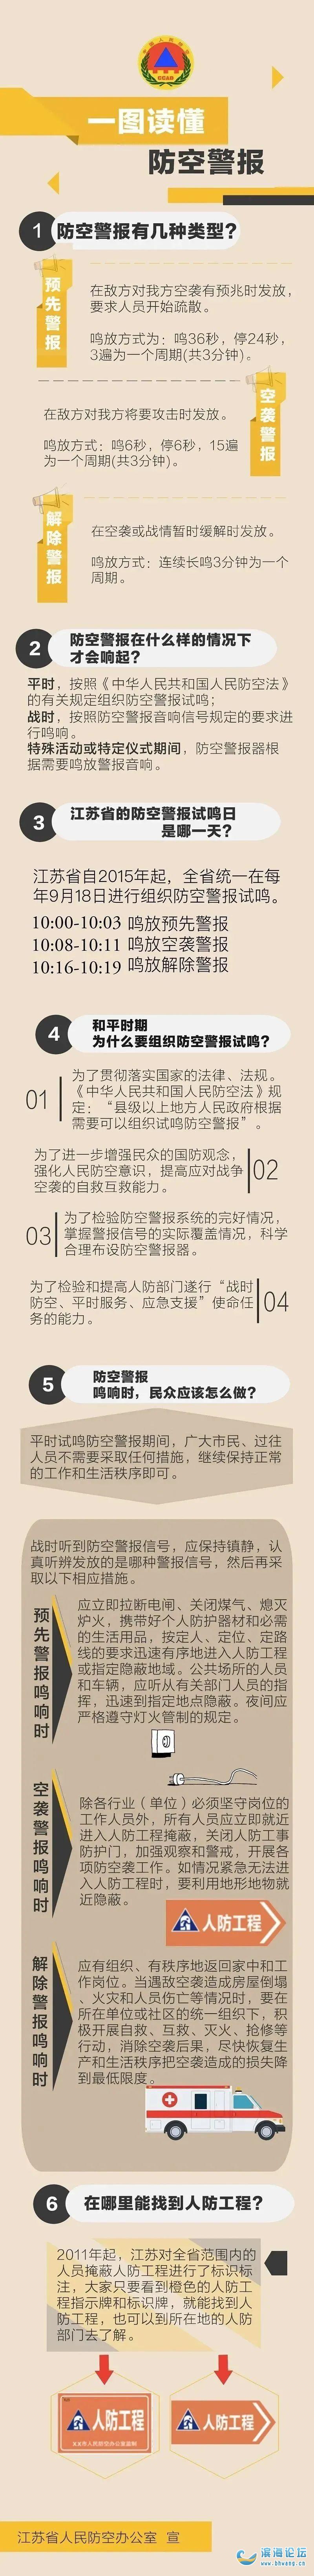 9月18日,全省統一試鳴防空警報